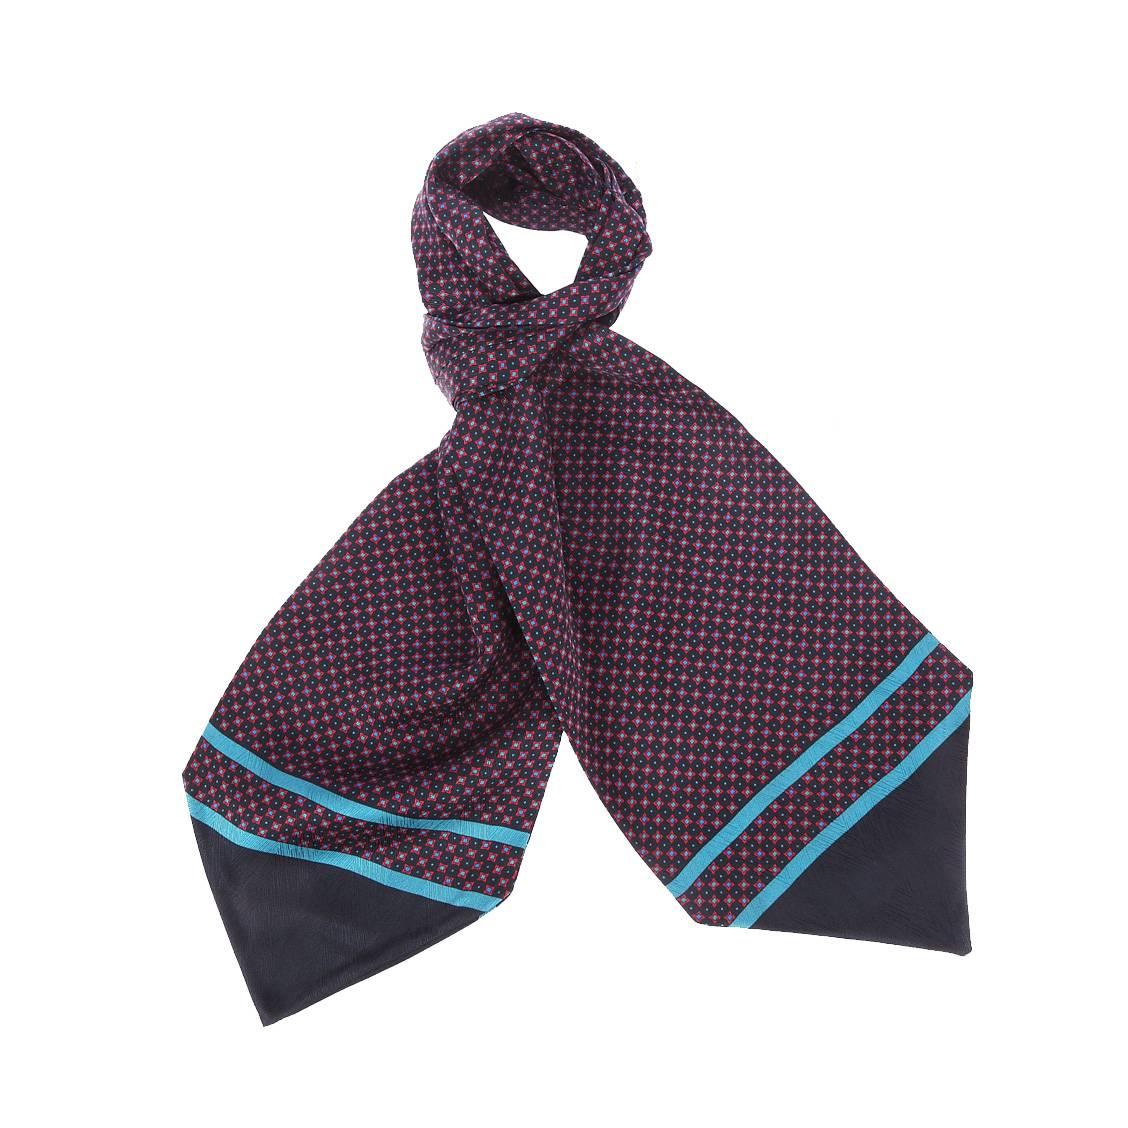 Foulard ascot à nouer en soie  bleu marine à motifs carrés rouges et points bleus